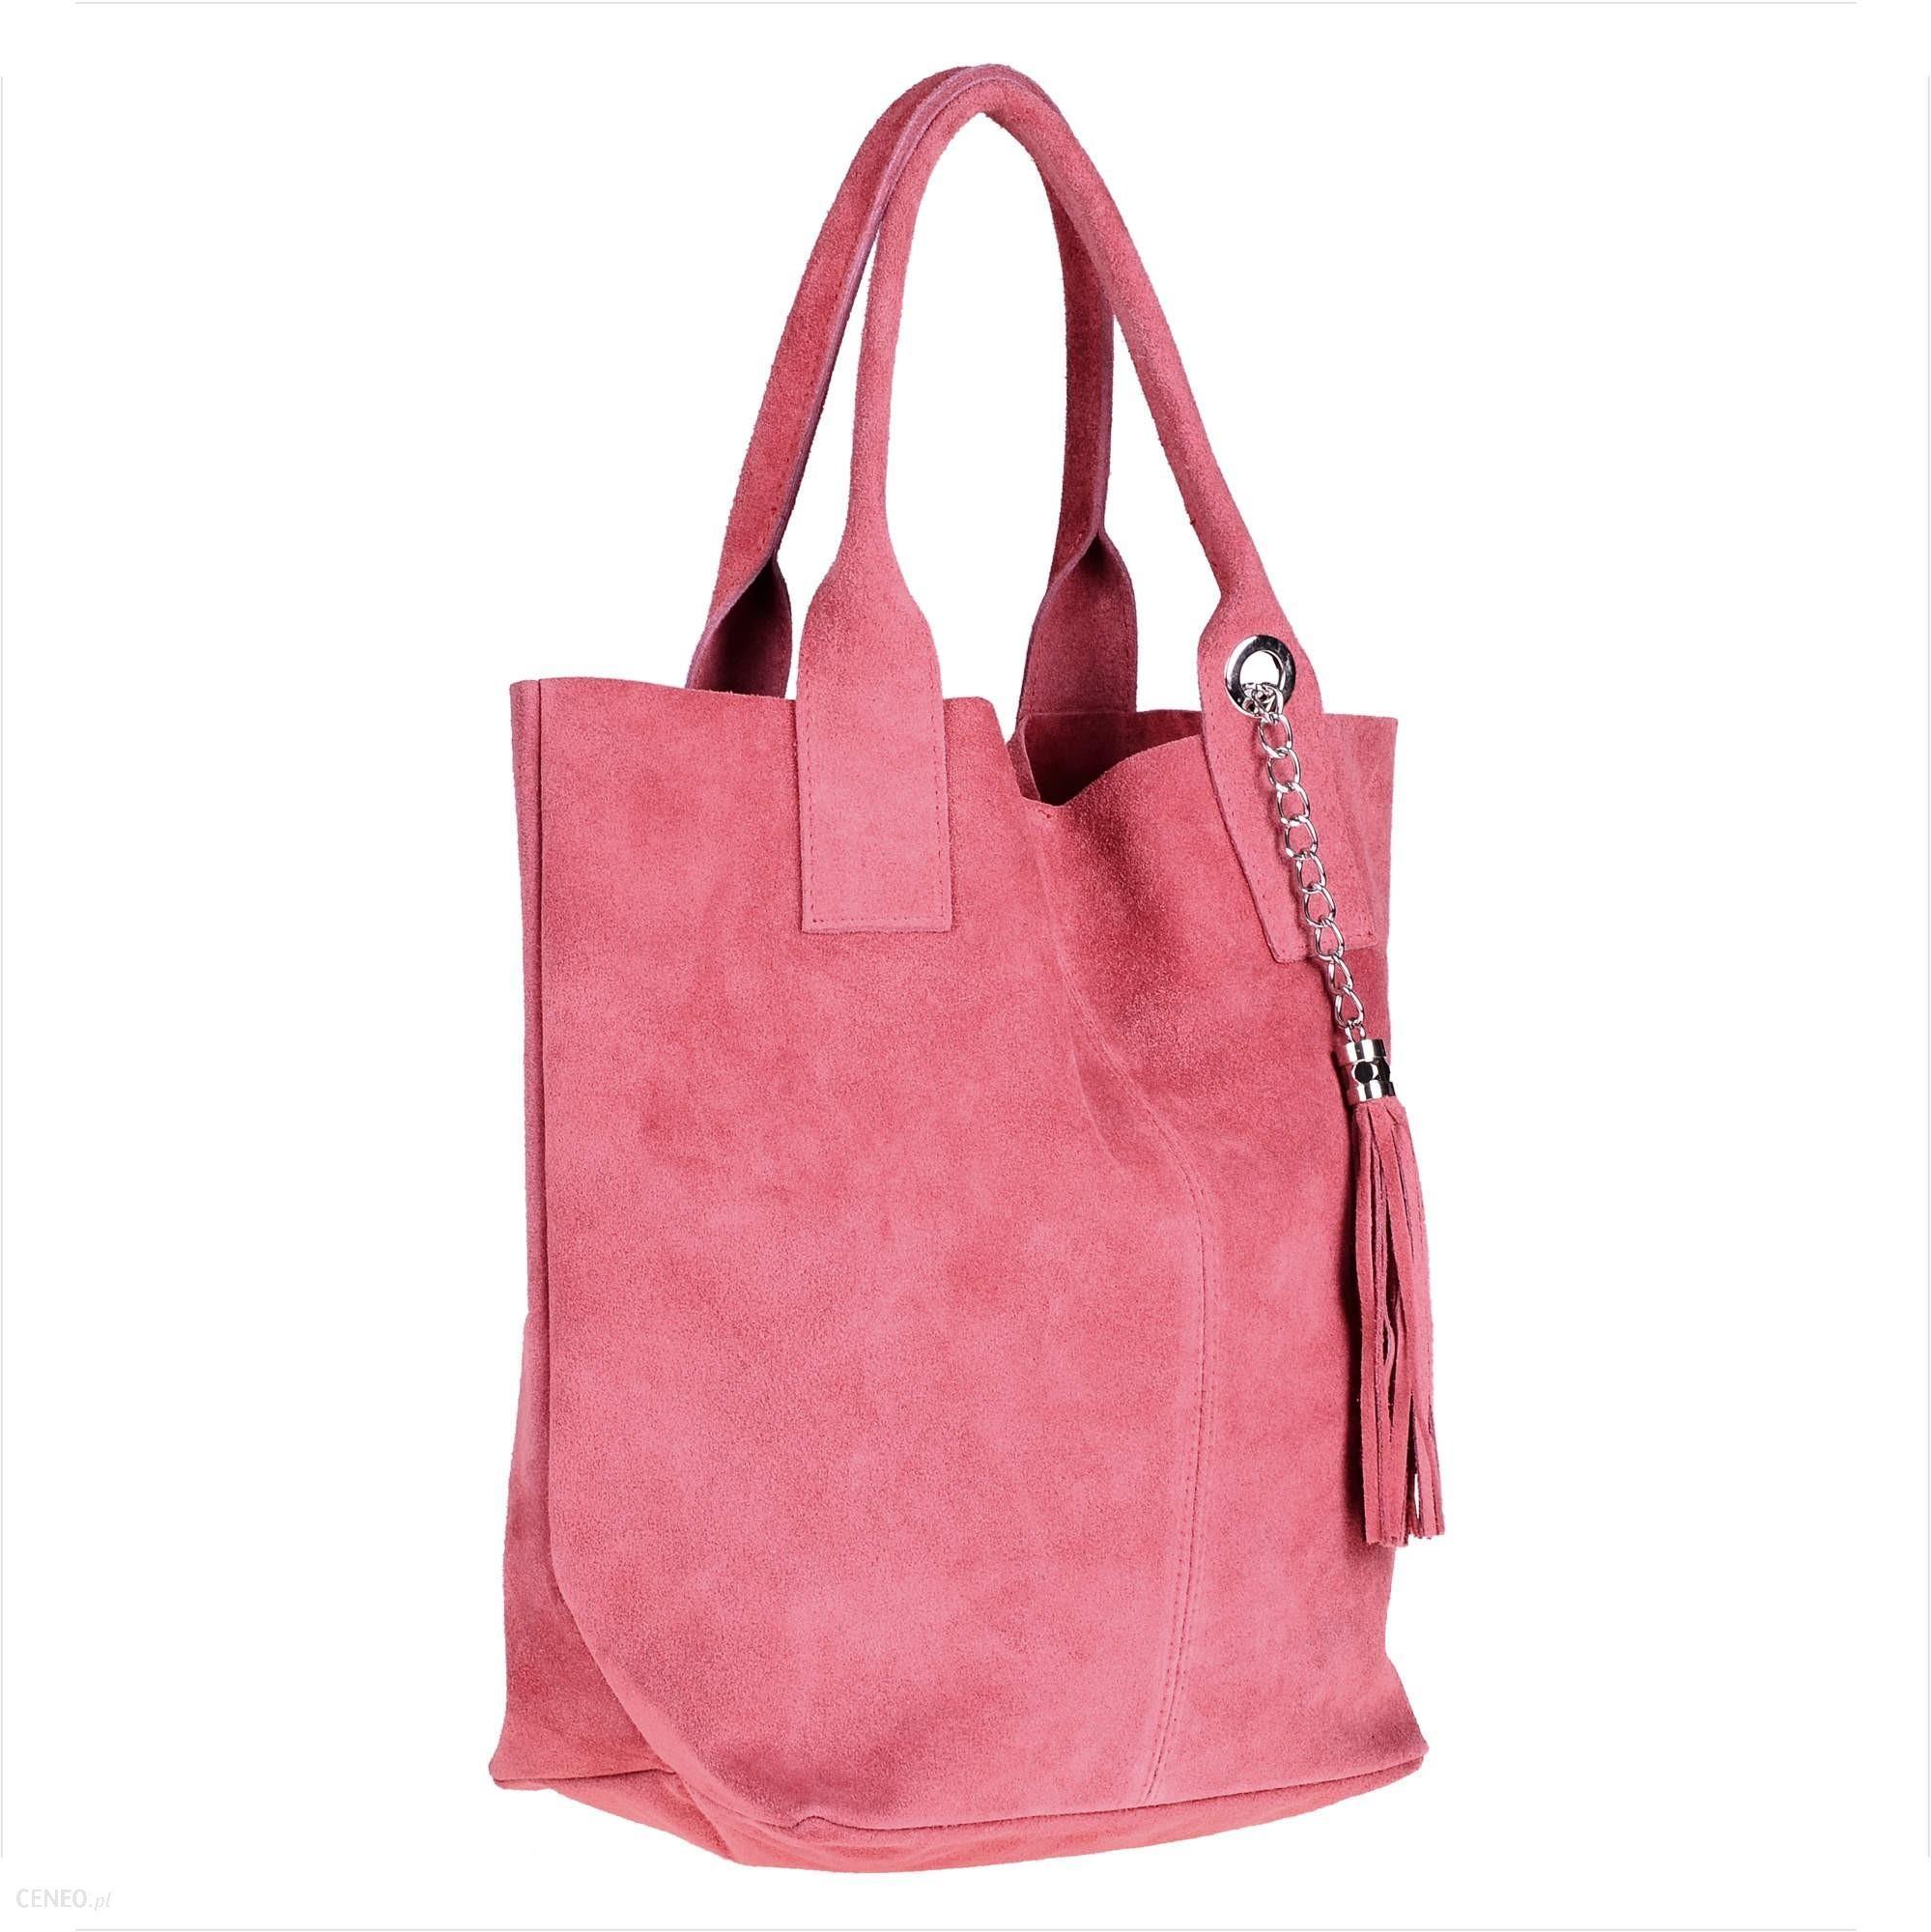 0f640a56daa54 Torebka shopper worek zamszowa róż pudrowy z kosmetyczką - Ceny i ...